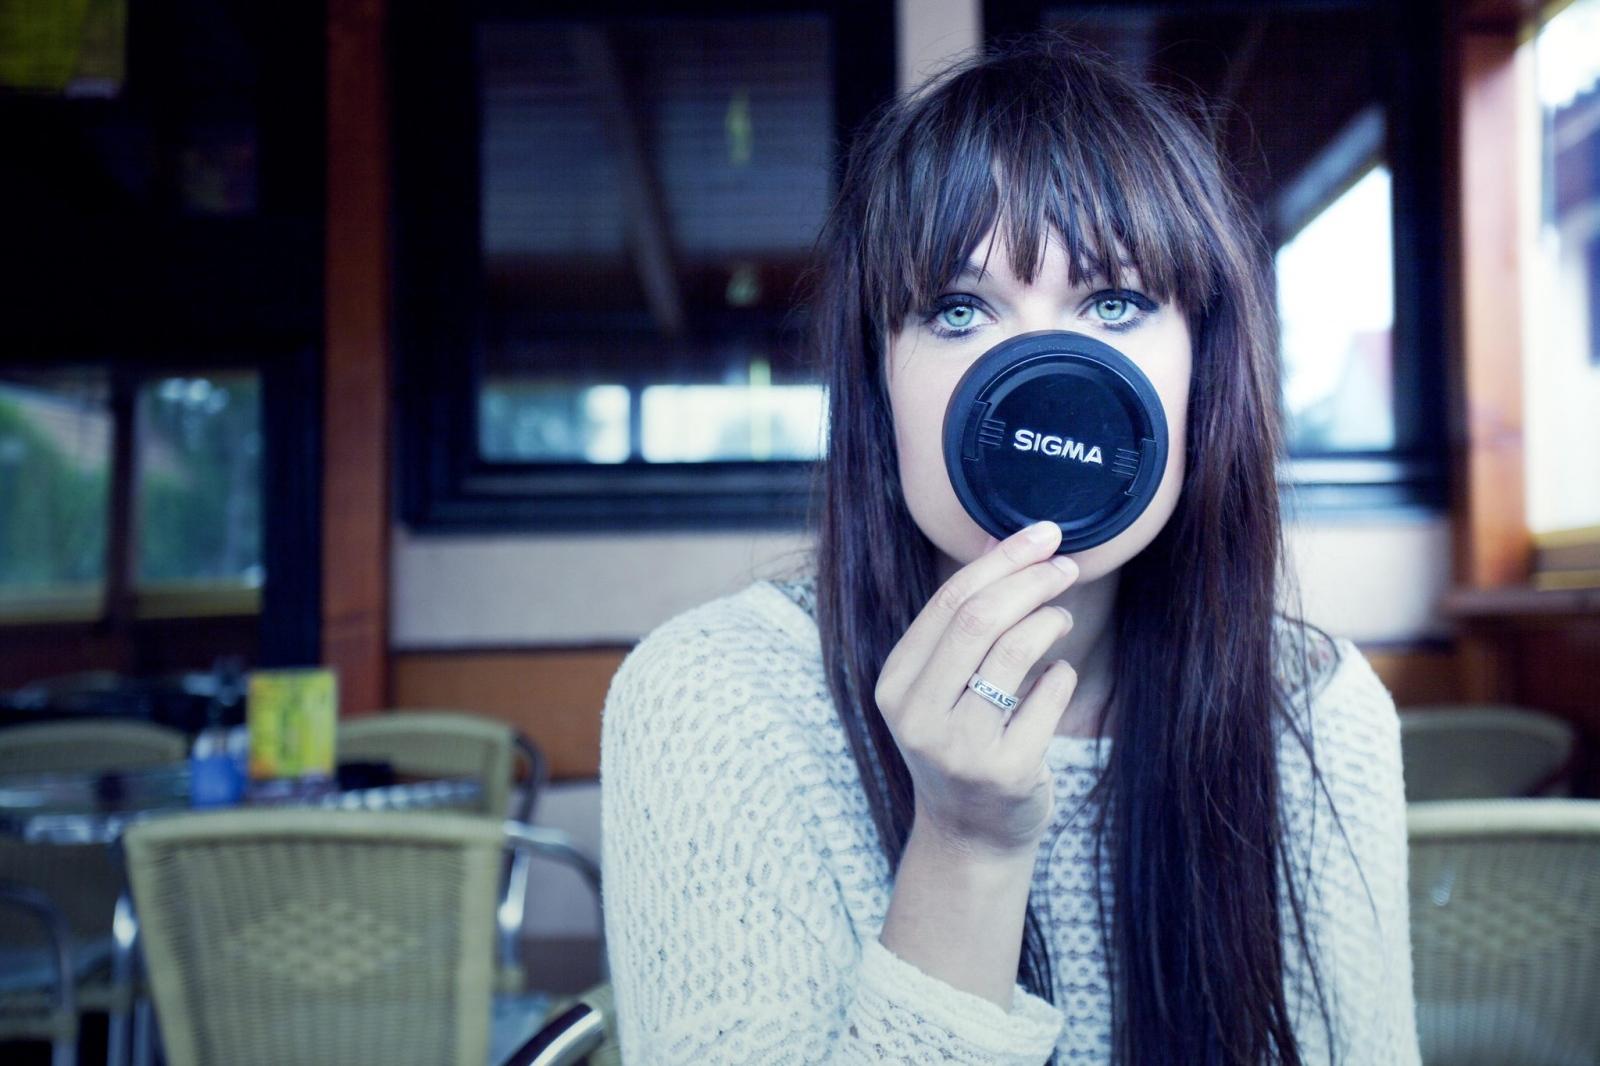 Photography image - Loading 1271474_10151976623977803_1429228807_o_(1).jpg